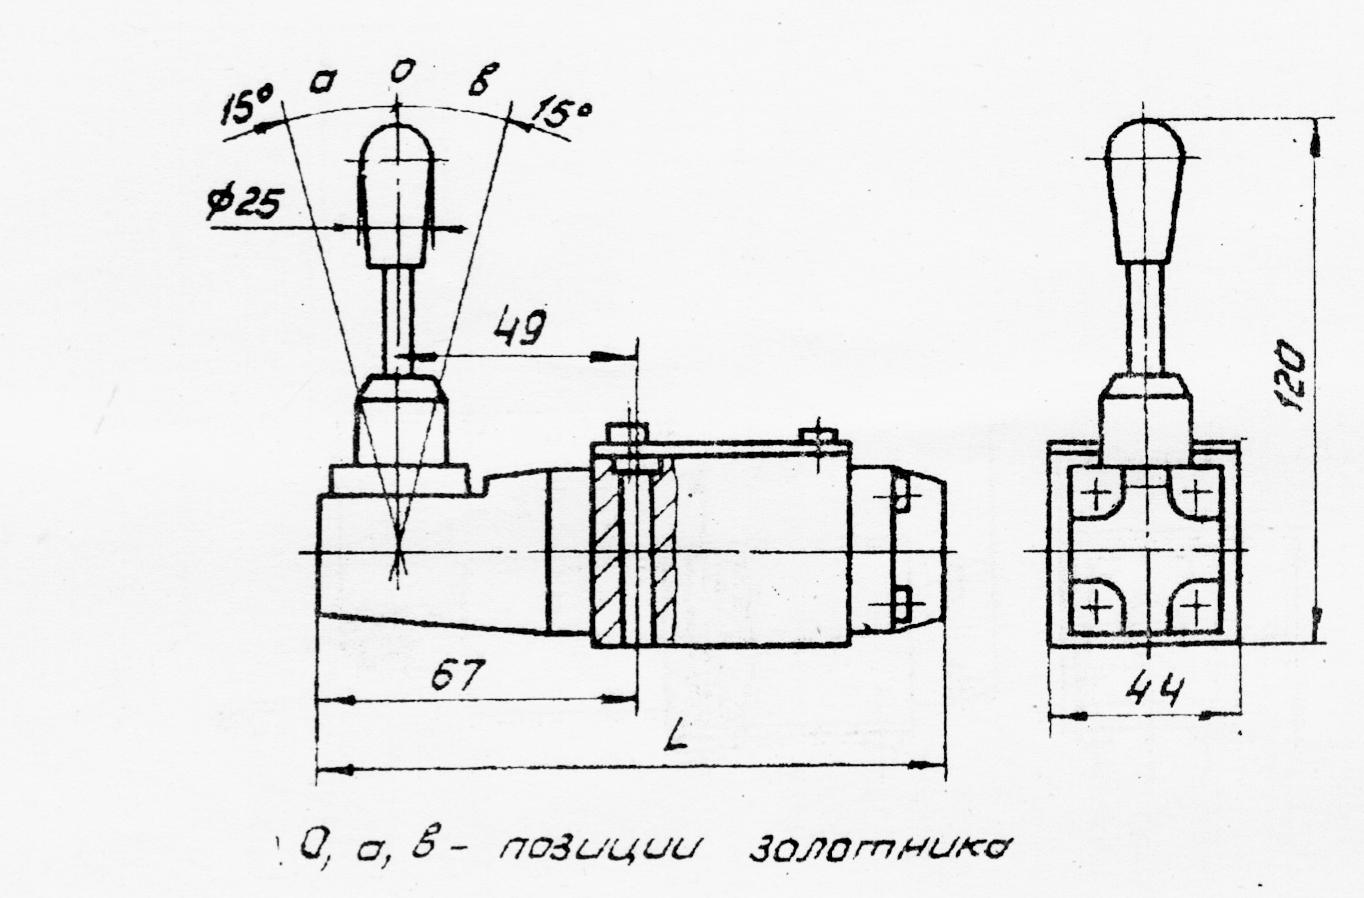 Чертеж Гидрораспределителя с ручным управлением от рукоятки типа ВММ 6